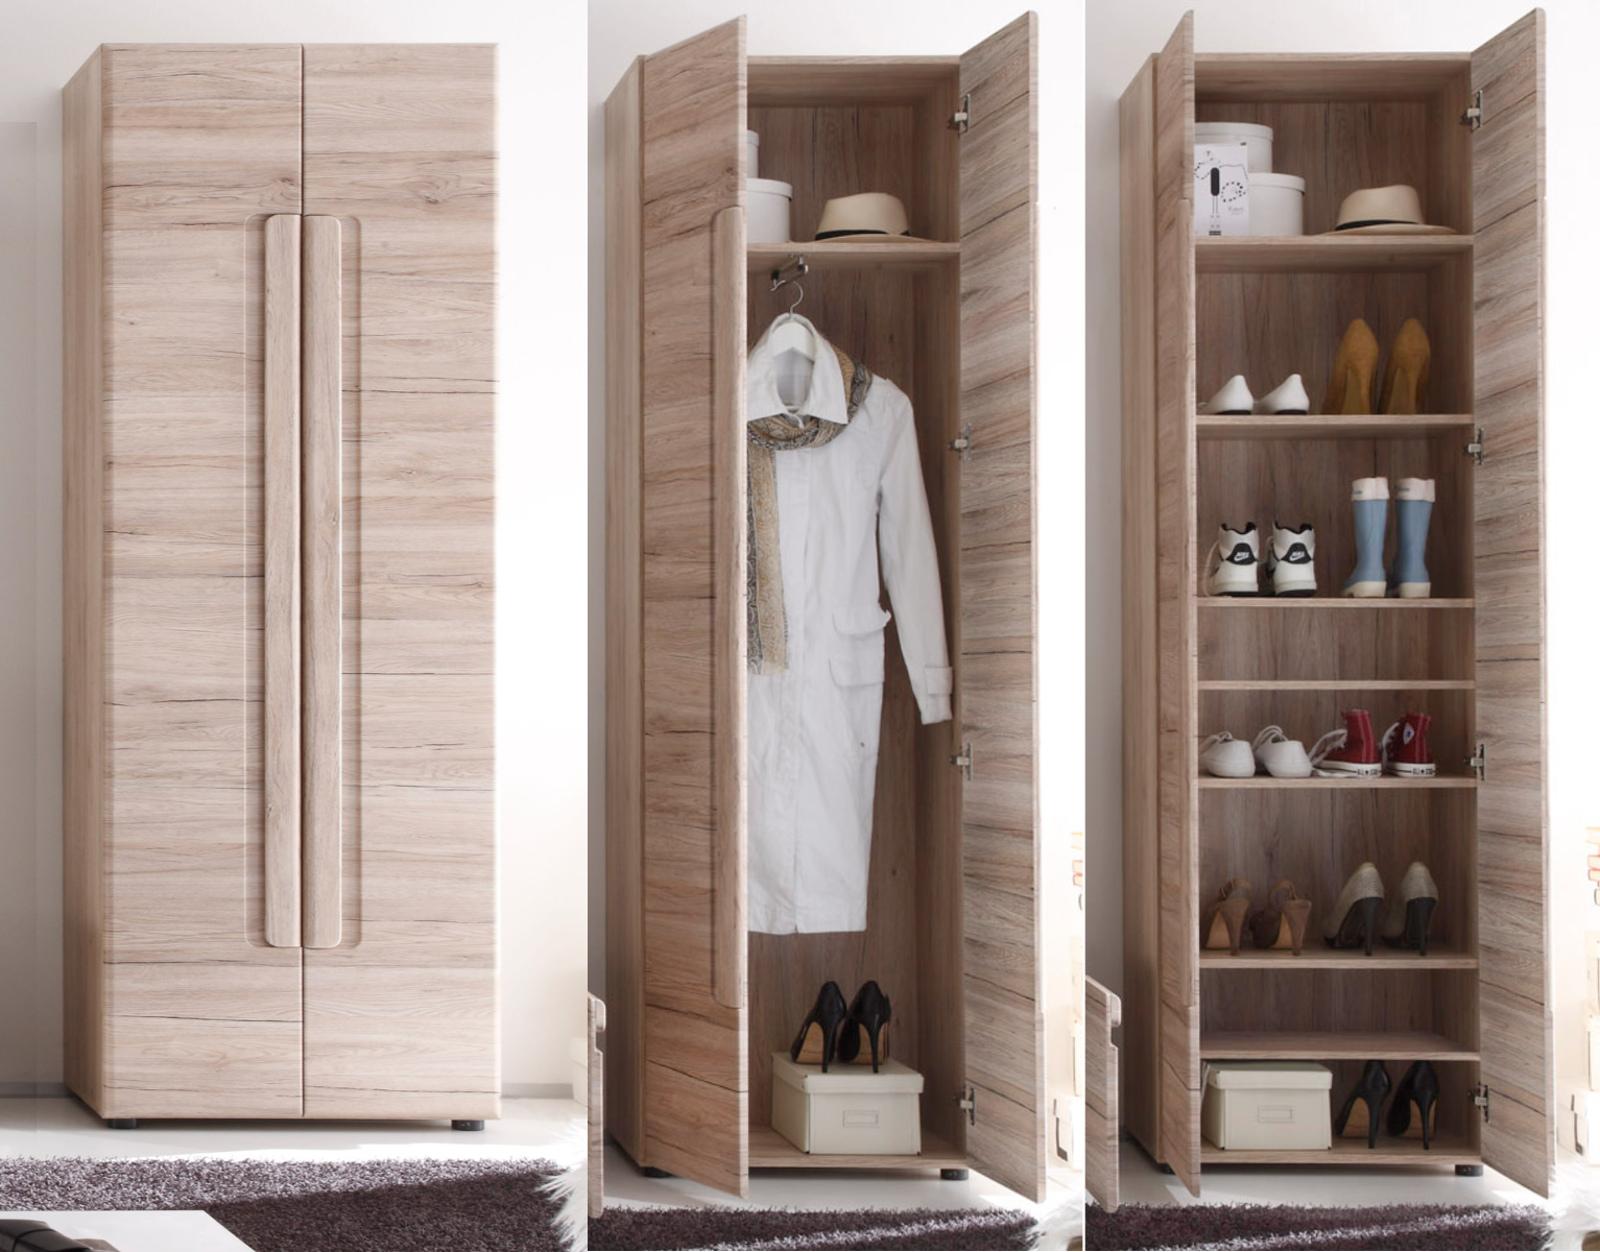 Garderobe malea eiche san remo g nstig kaufen for Garderobe 60 cm